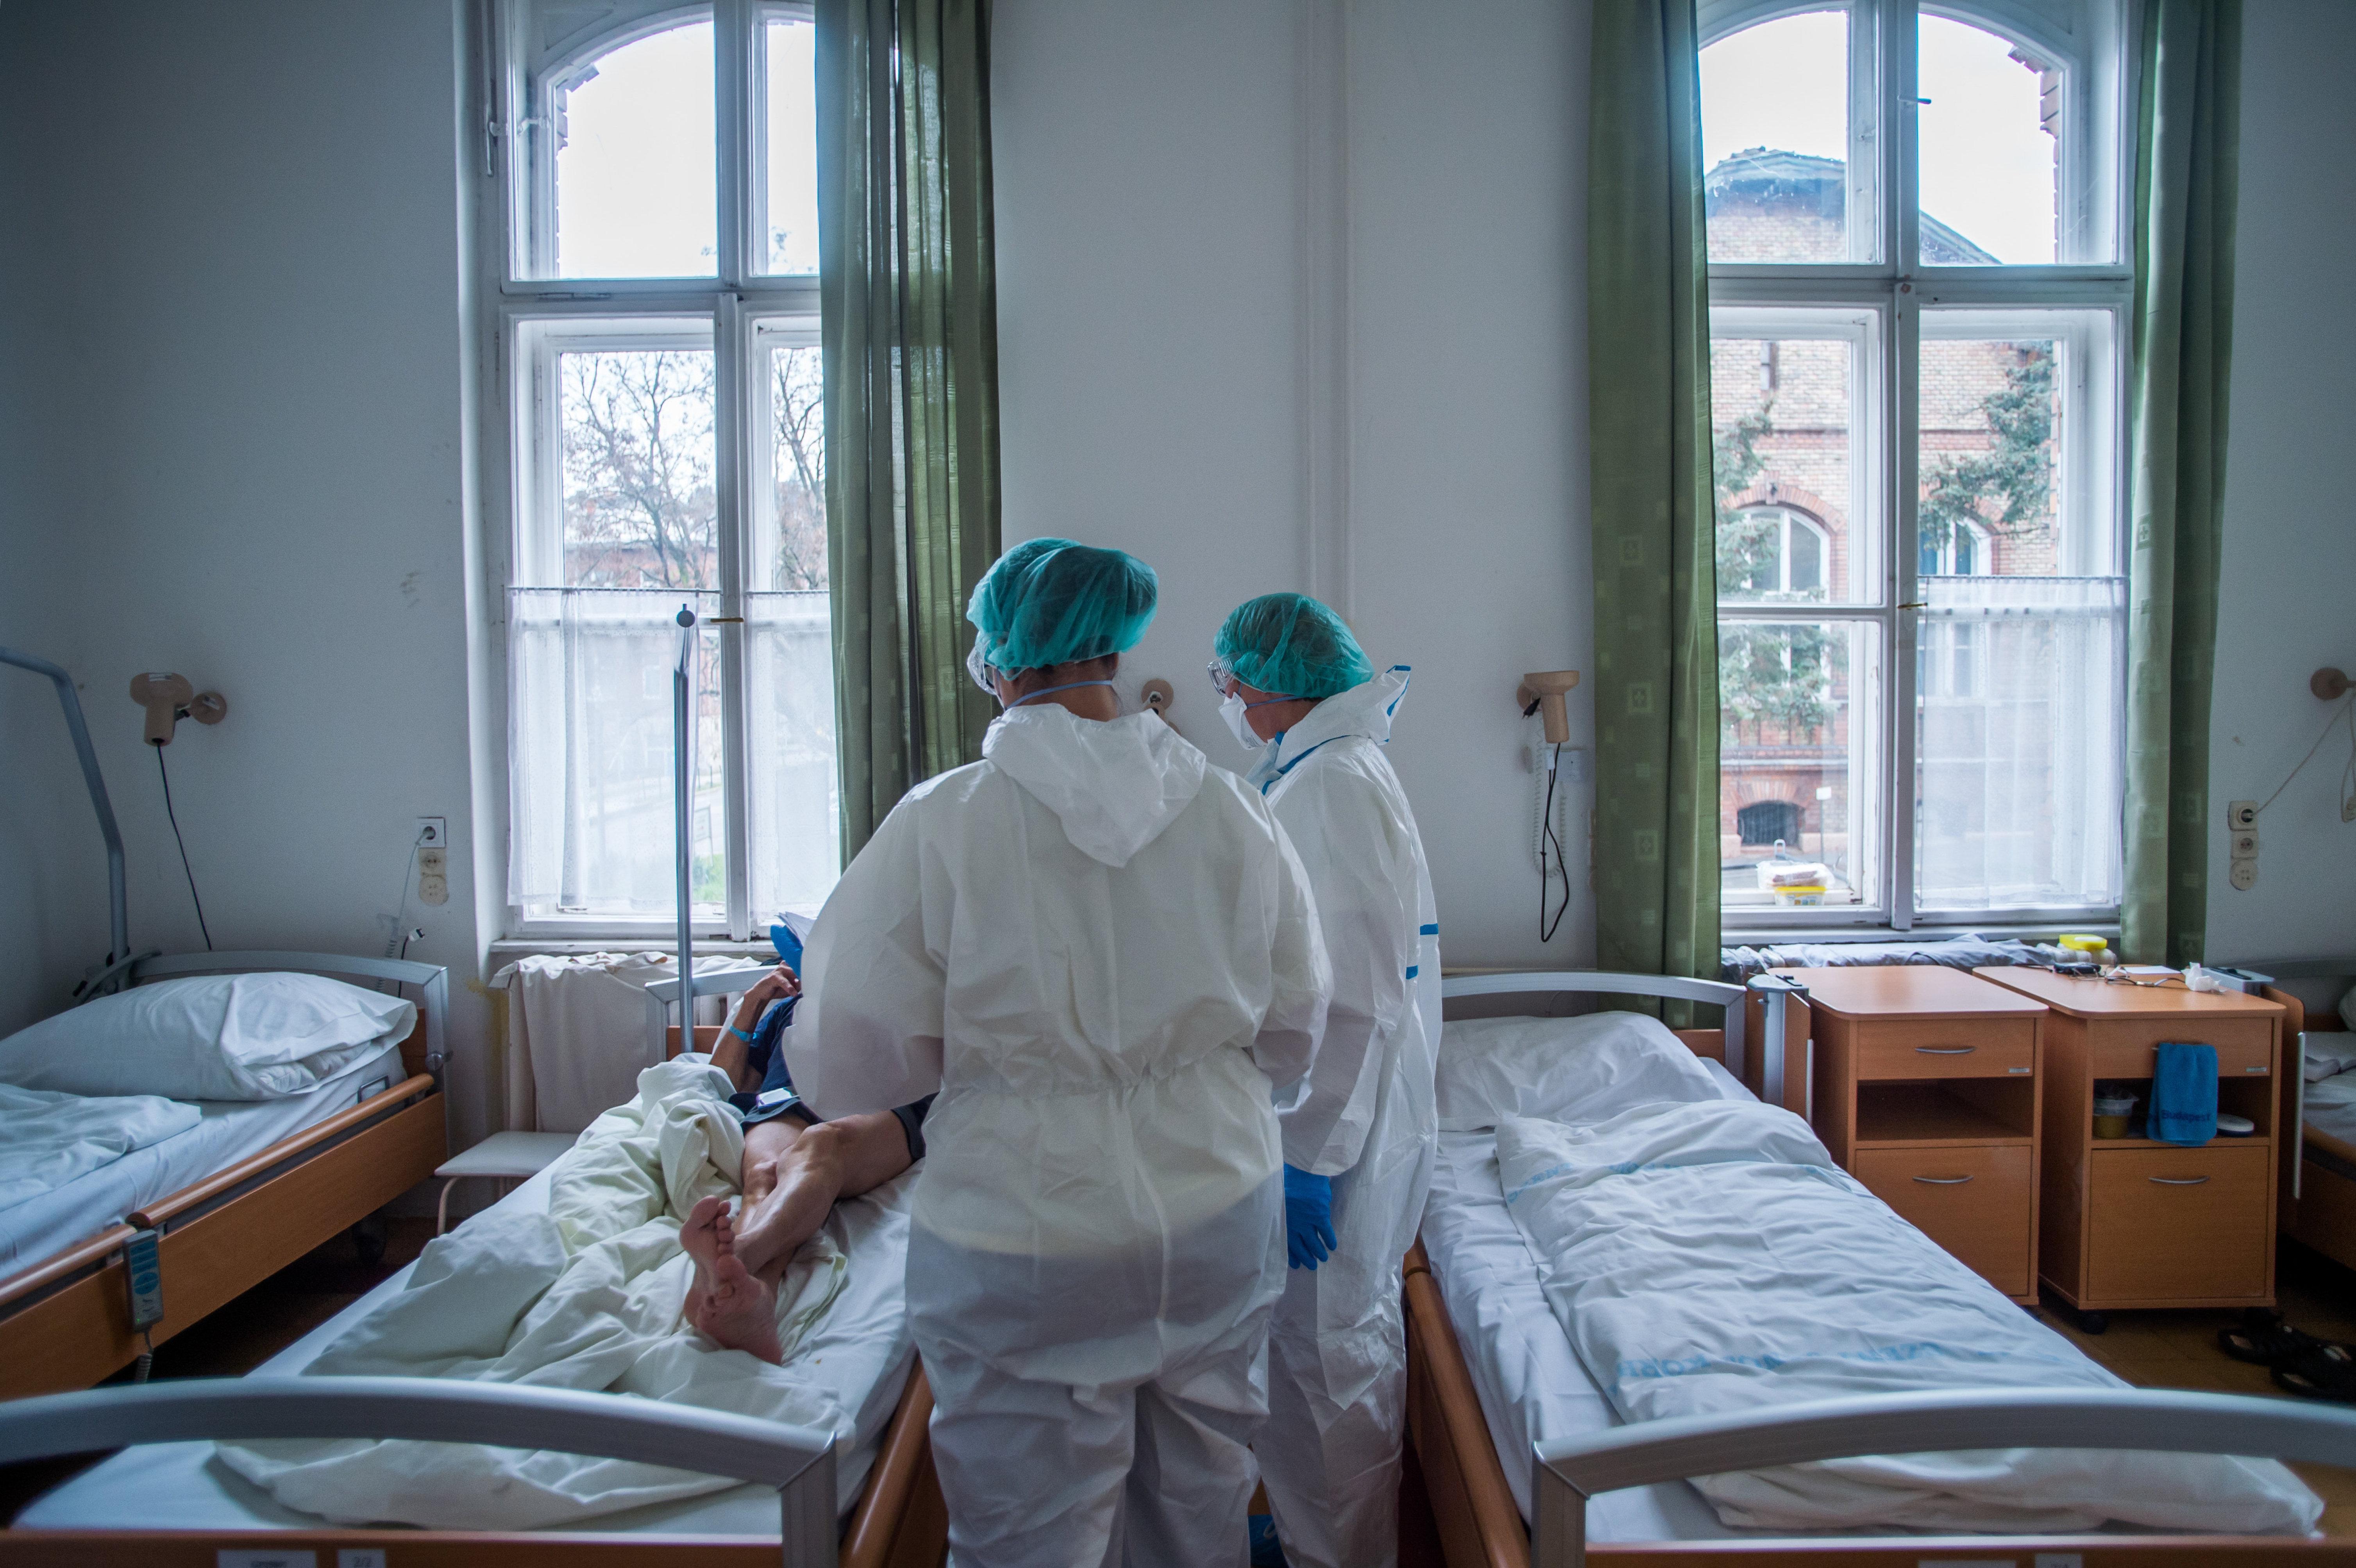 Tovább romlottak a járványügyi adatok: 275 újabb áldozat, majdnem 1 500-an vannak lélegeztetőgépen